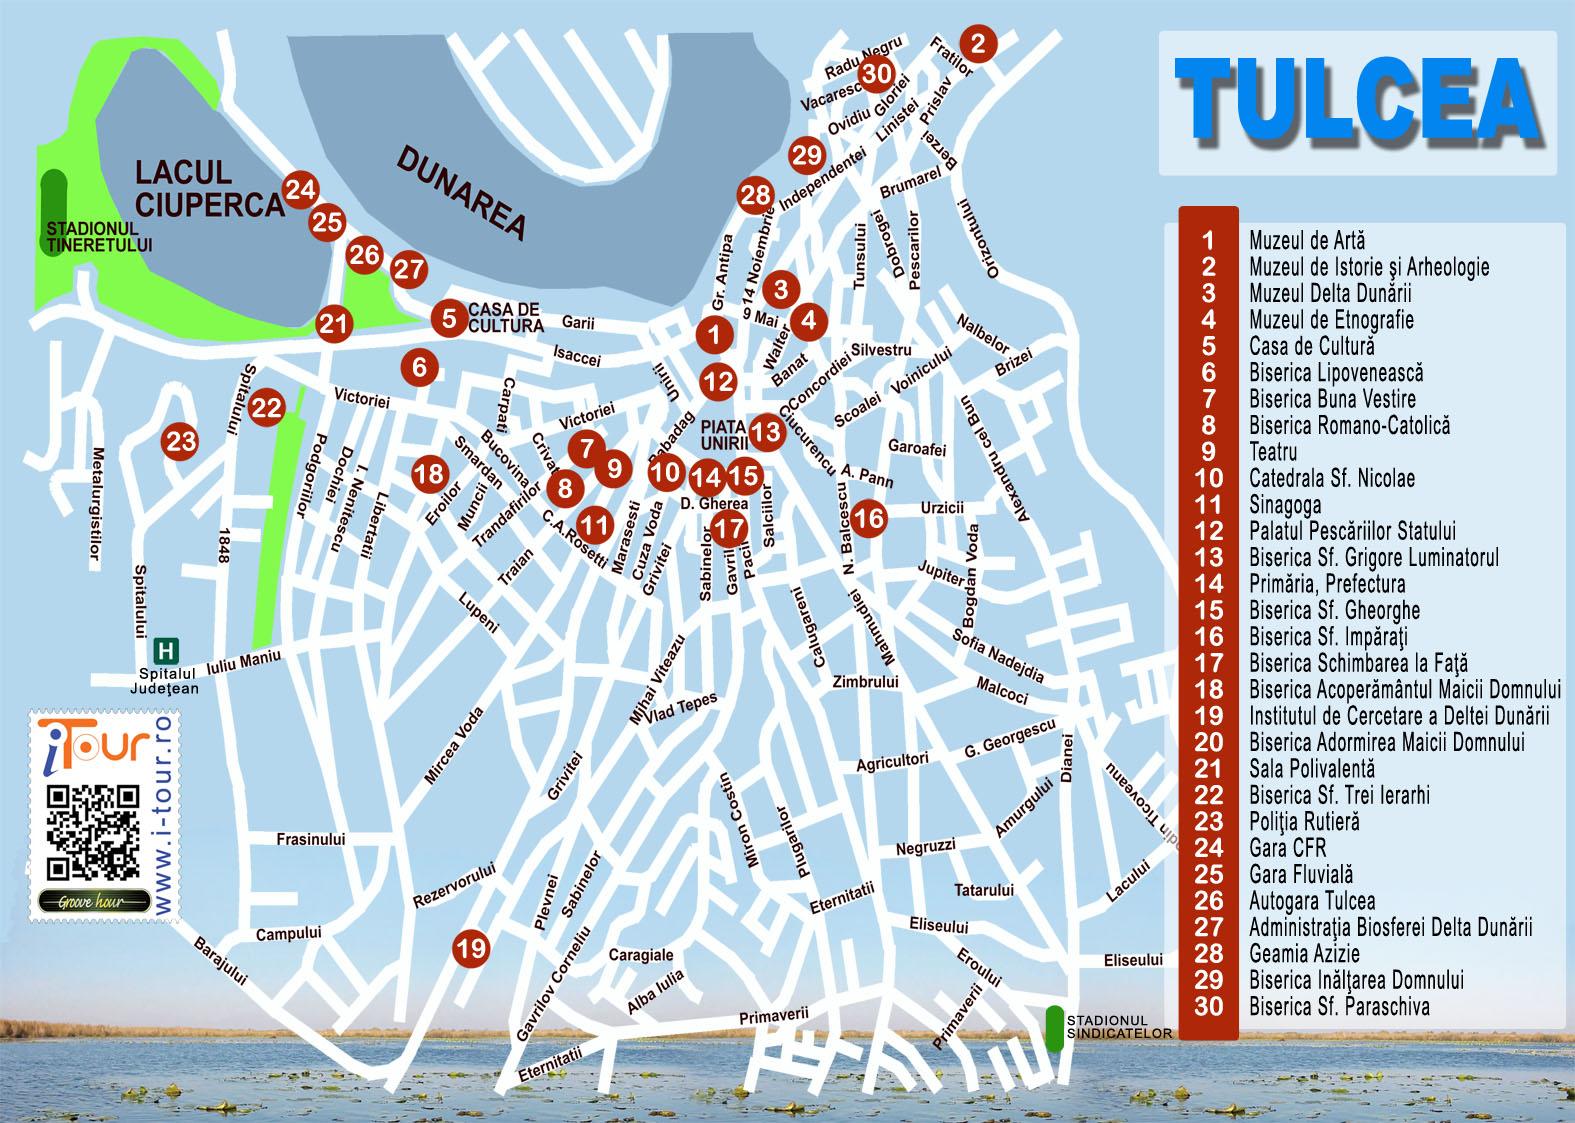 Tulcea Harta Atractii Turistice 2011